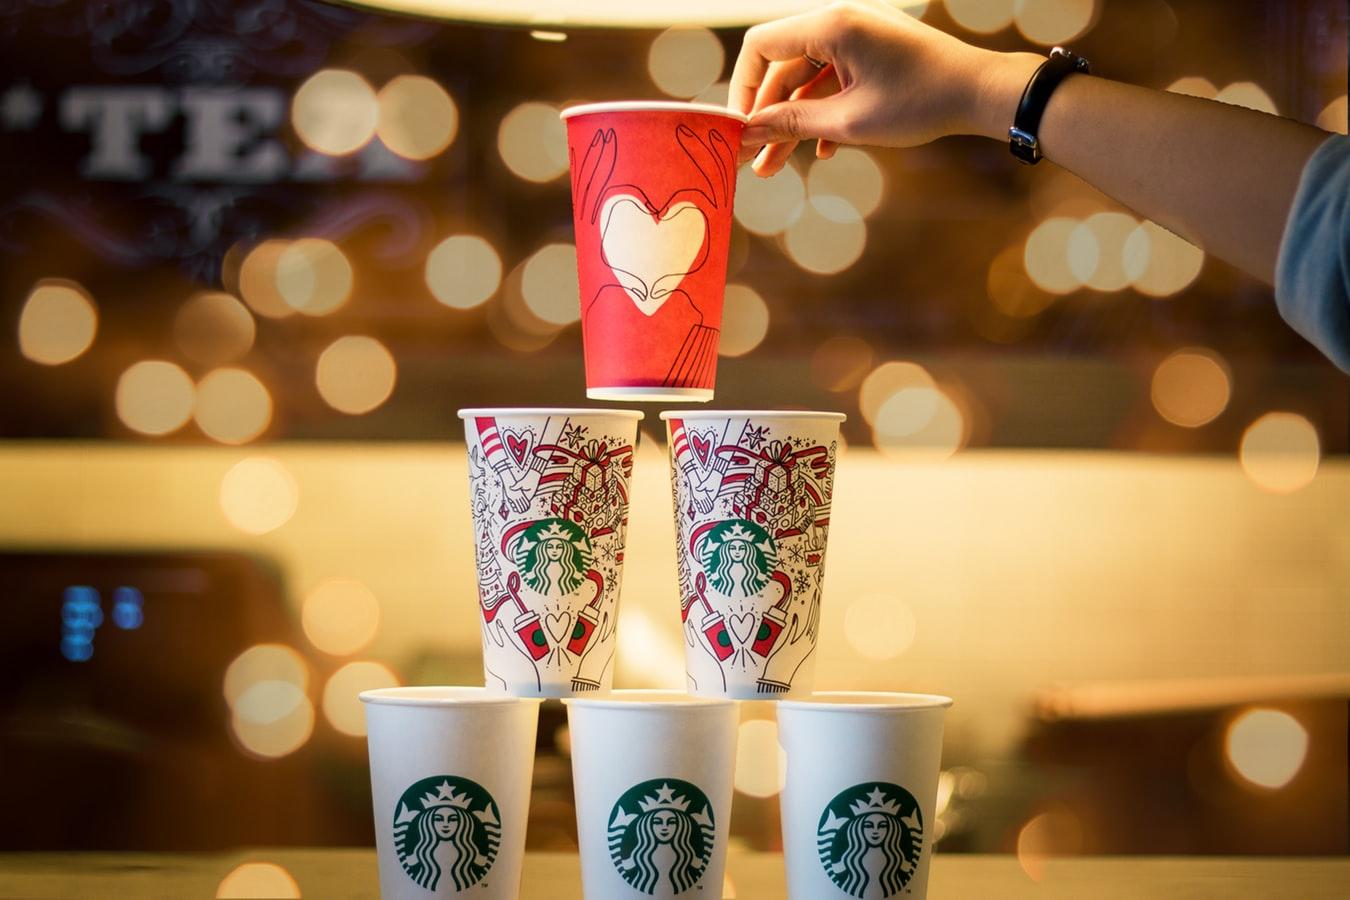 7 Amazing Starbucks Drinks You Should Definitely Try